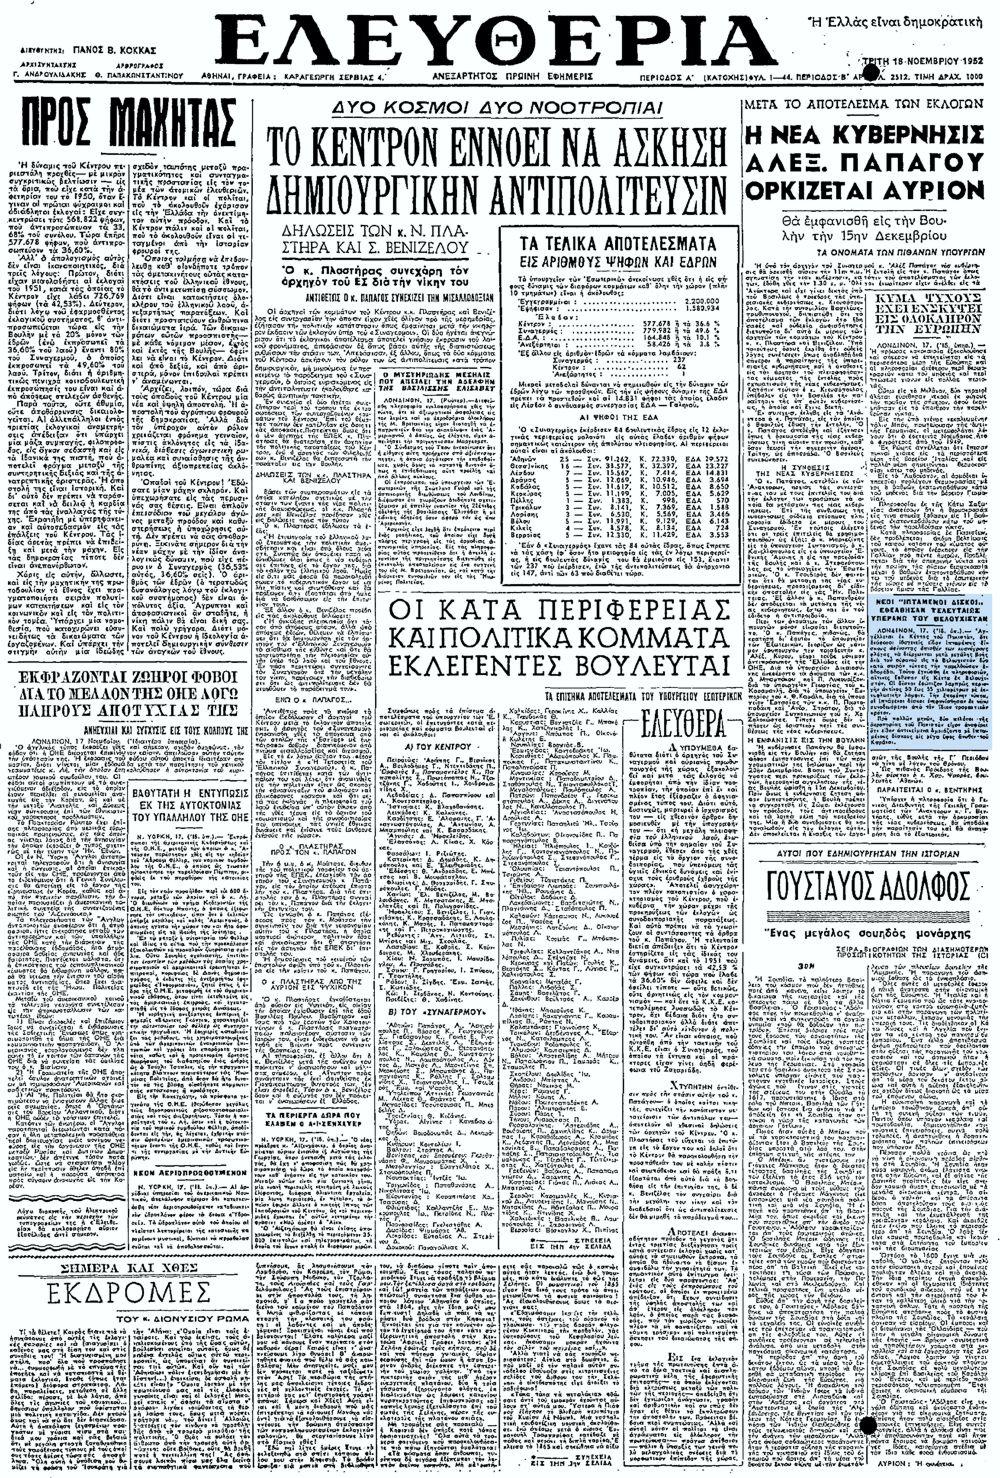 """Το άρθρο, όπως δημοσιεύθηκε στην εφημερίδα """"ΕΛΕΥΘΕΡΙΑ"""", στις 18/11/1952"""